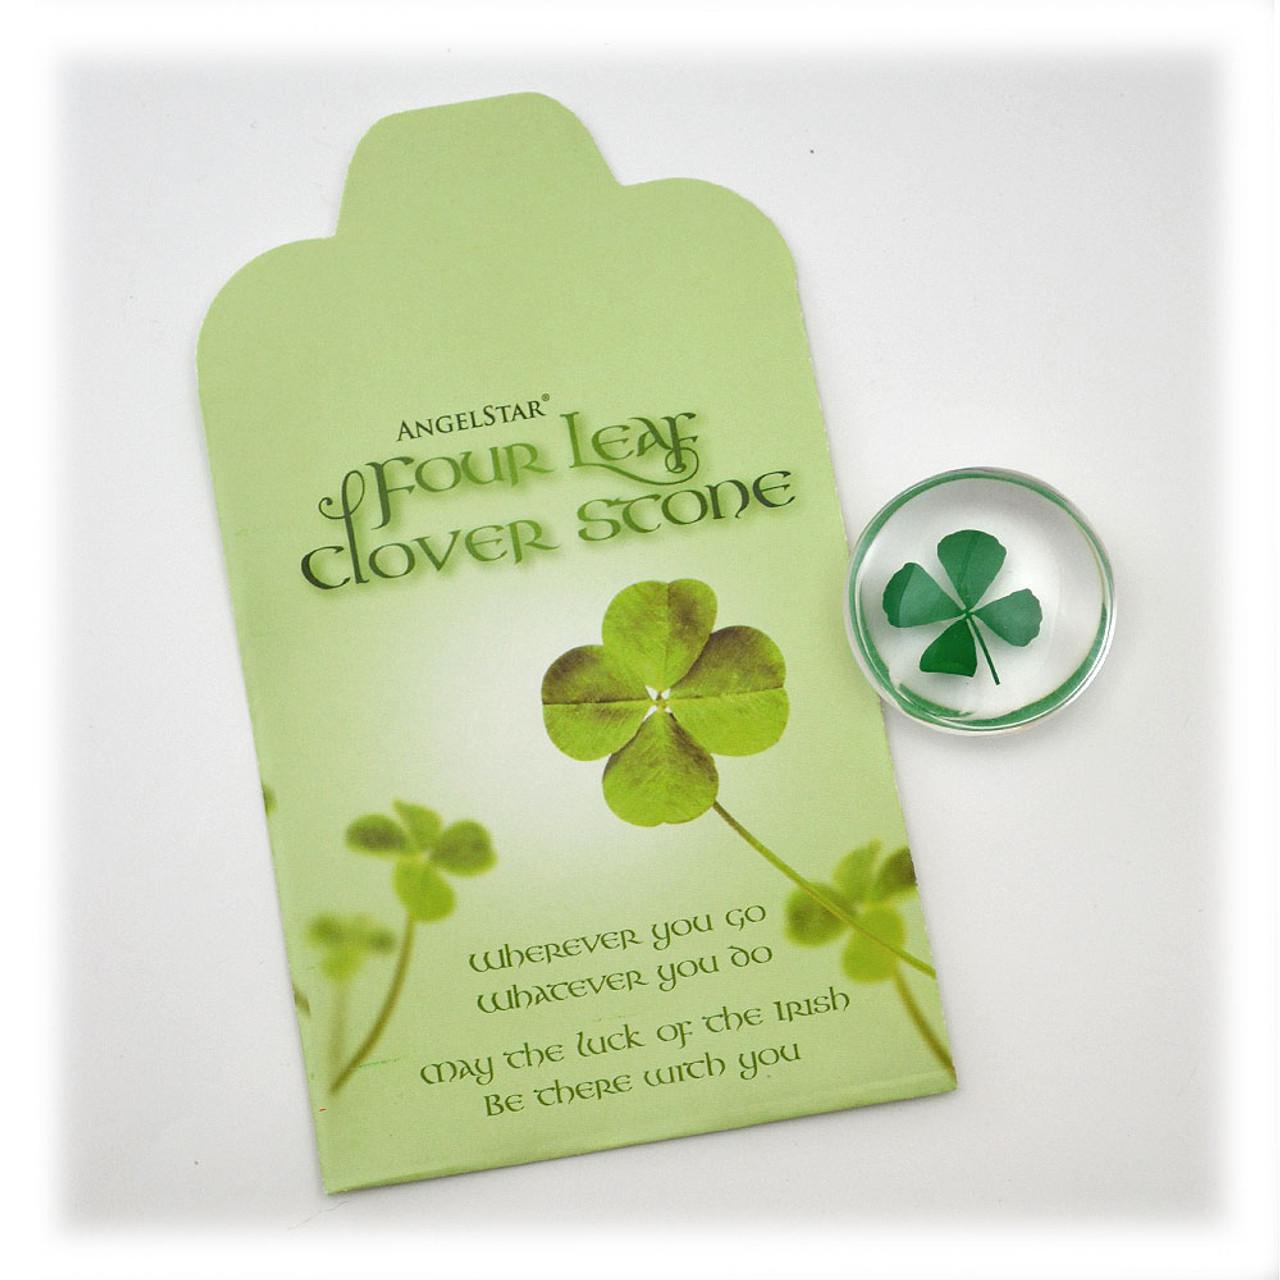 4 Leaf Clover Pocket Stone